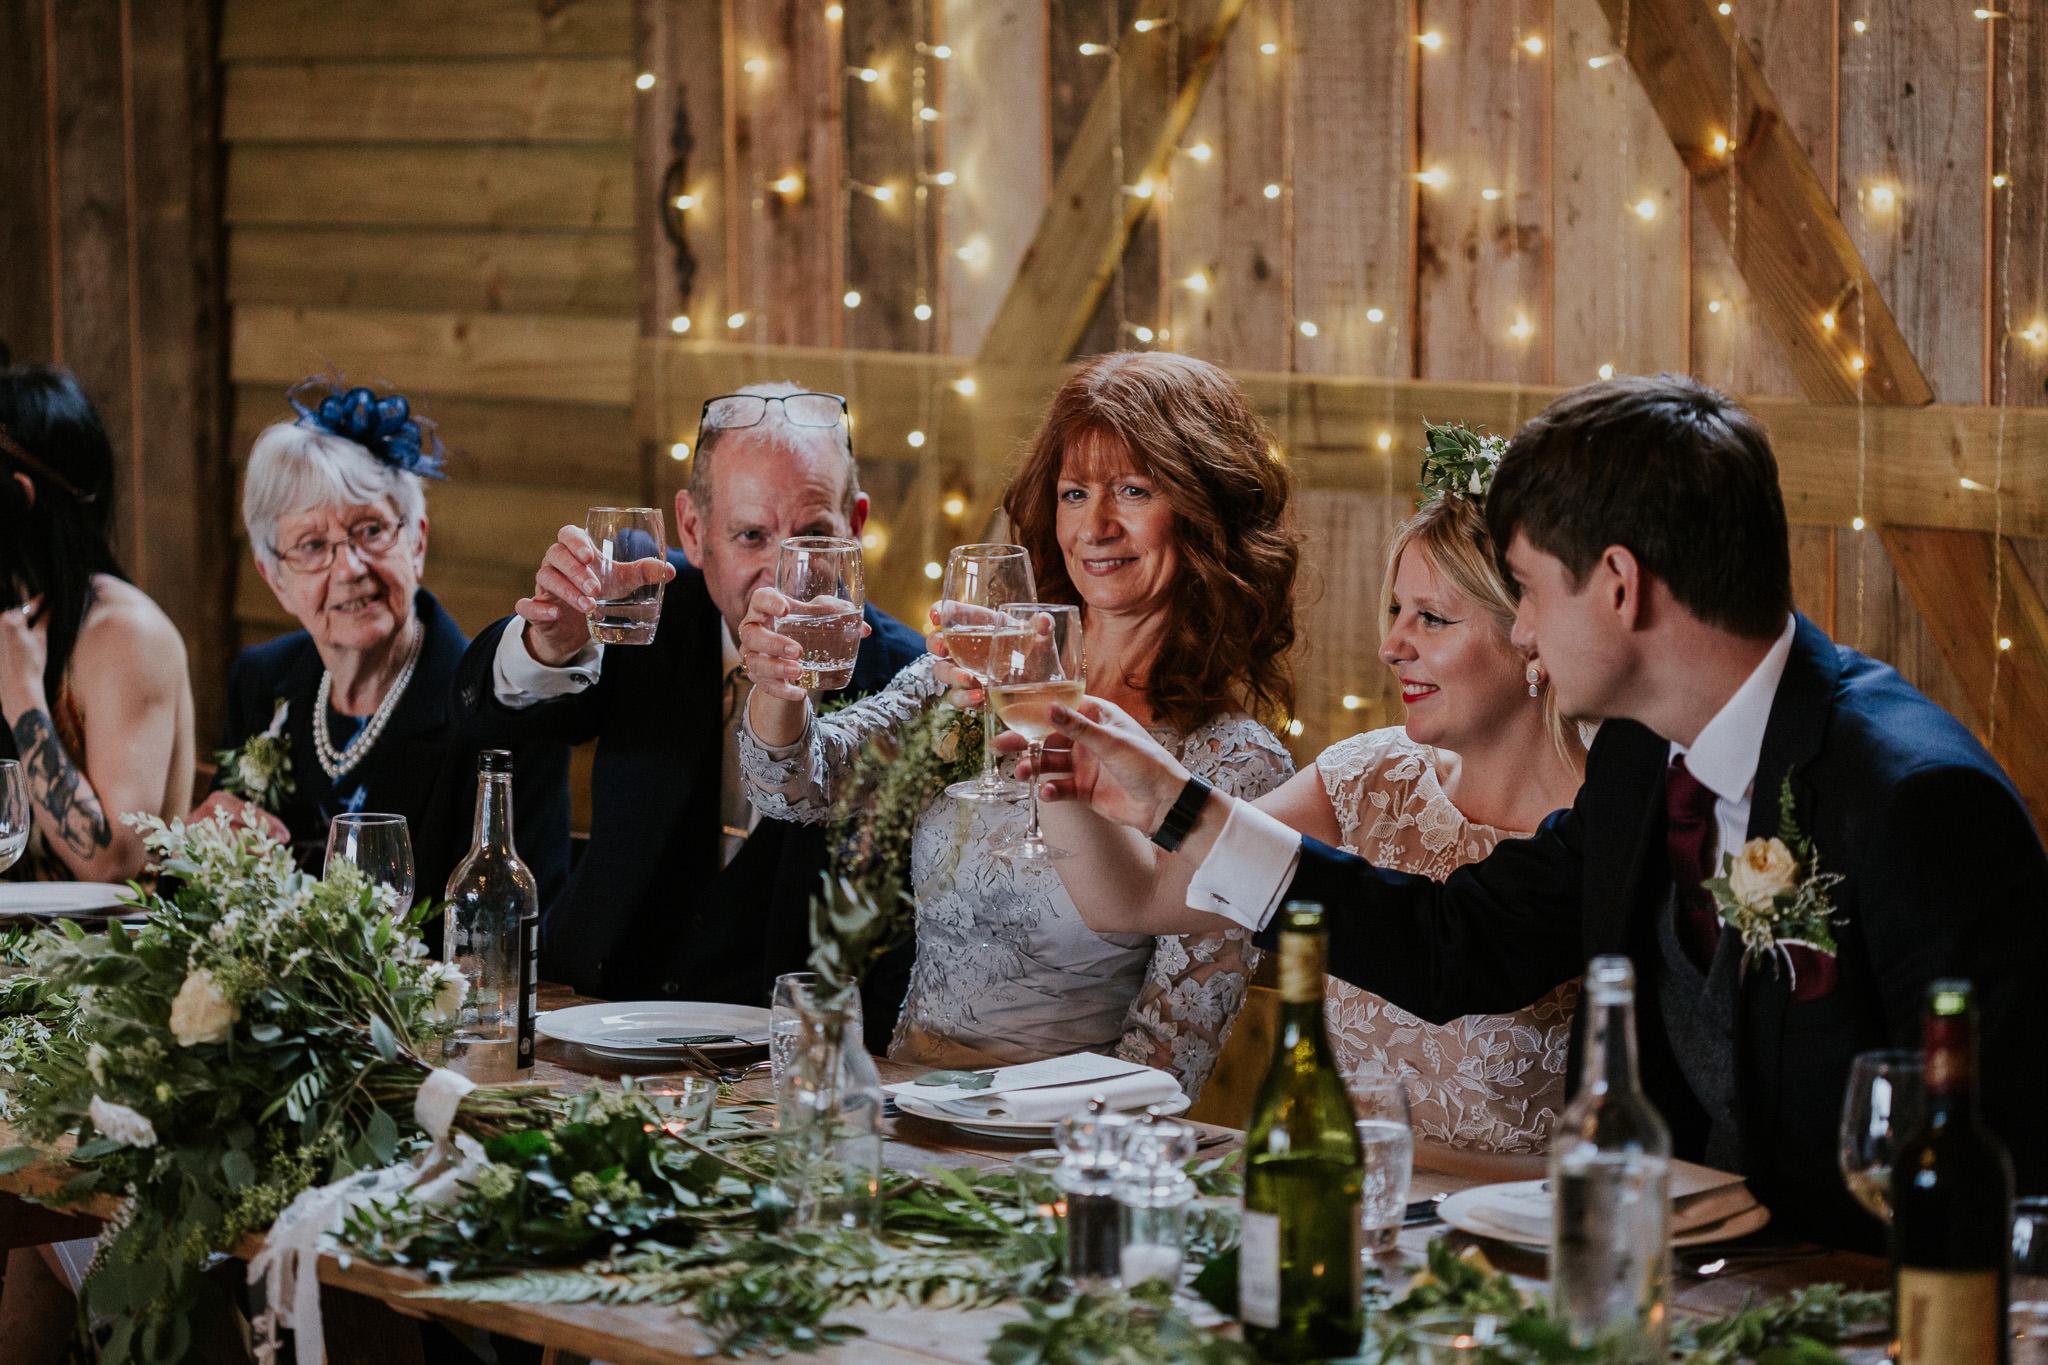 BillinghurstFarmwedding-147.jpg